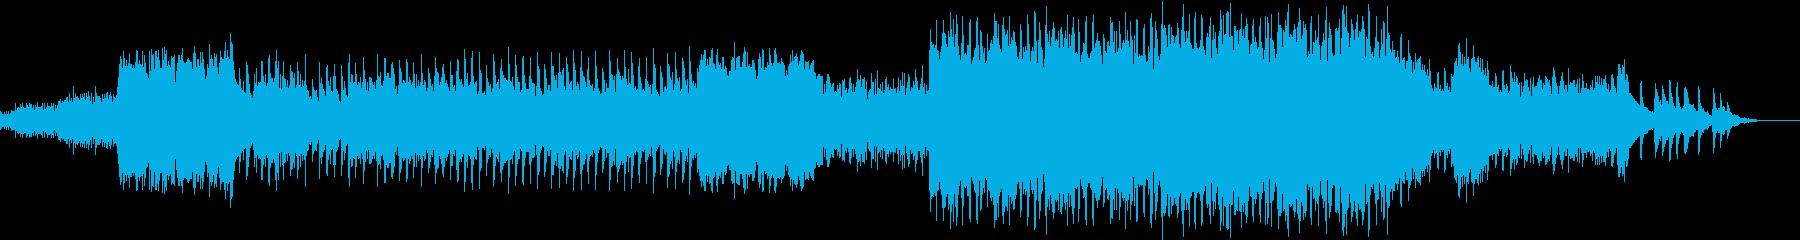 浮遊感と疾走感のある管弦曲の再生済みの波形